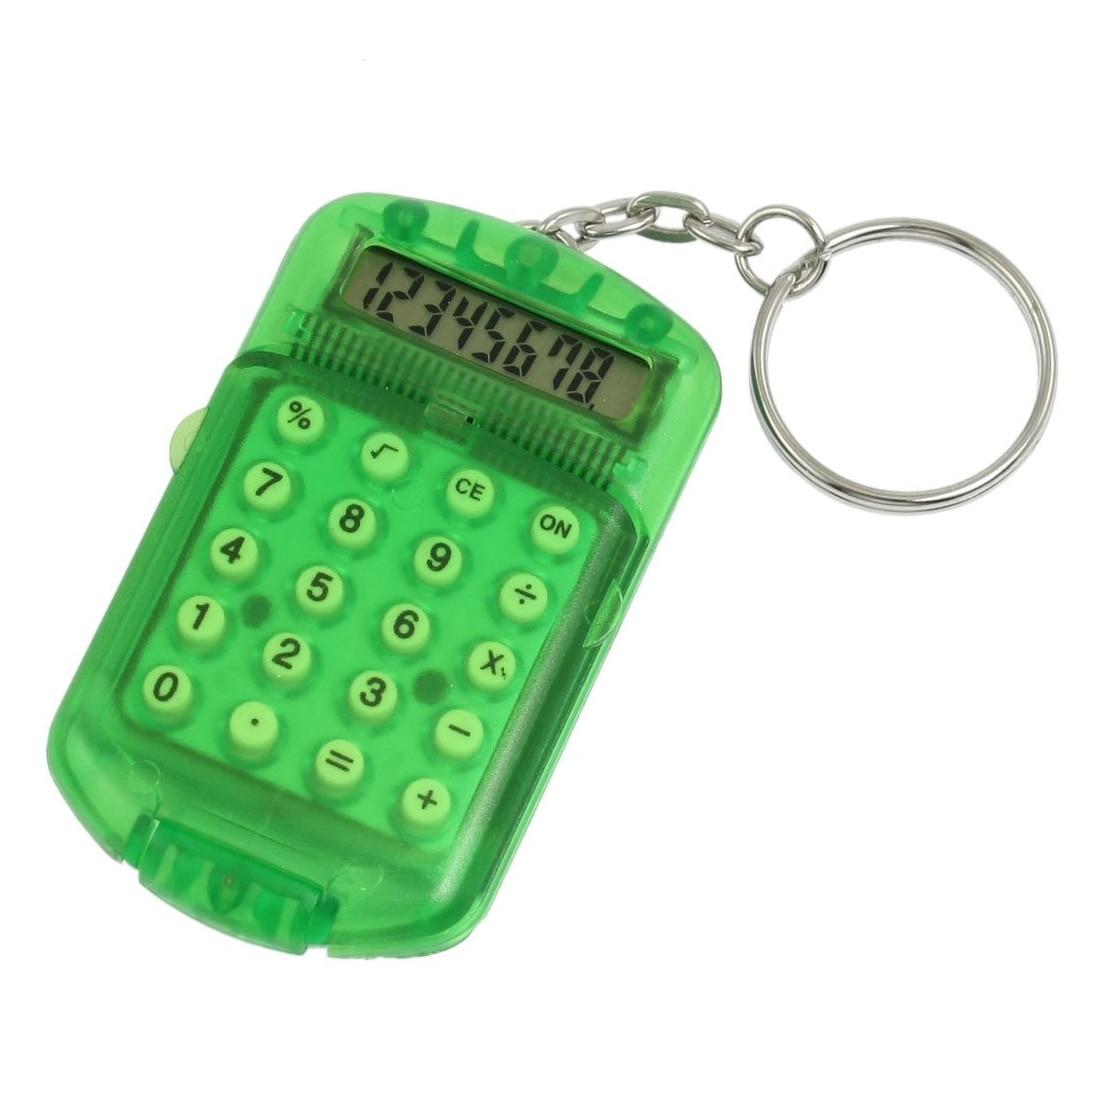 Батарея питание 8 цифр ЖК-дисплей Дисплей электронный Калькулятор прозрачный зеленый W брелок